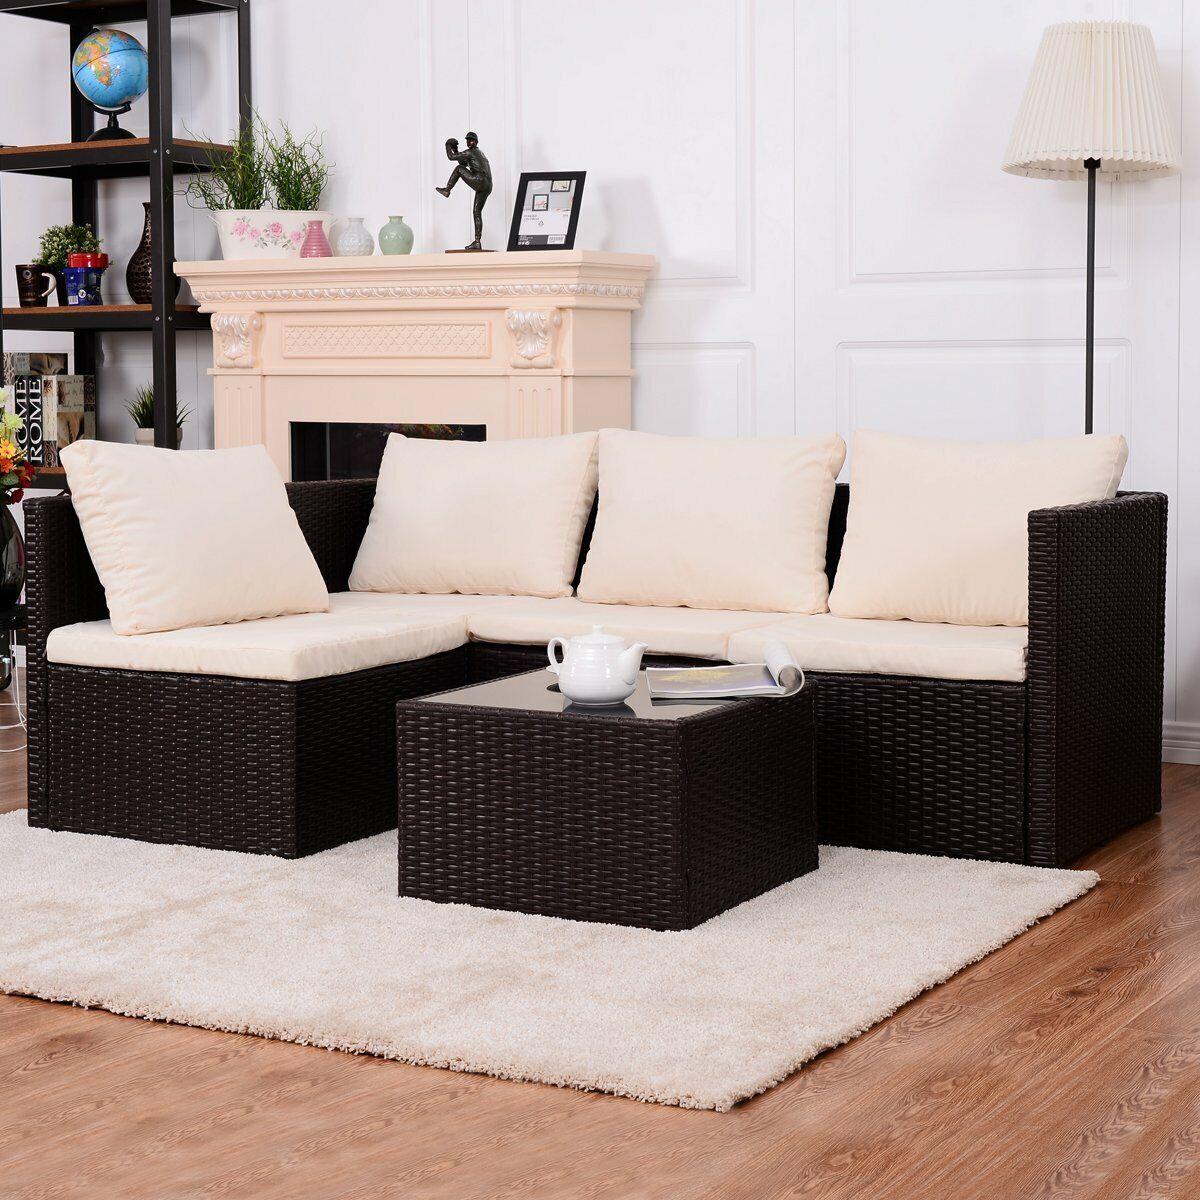 Conjunto de Muebles de Ratán Set de Muebles para Exterior Jardín Terreza Patio